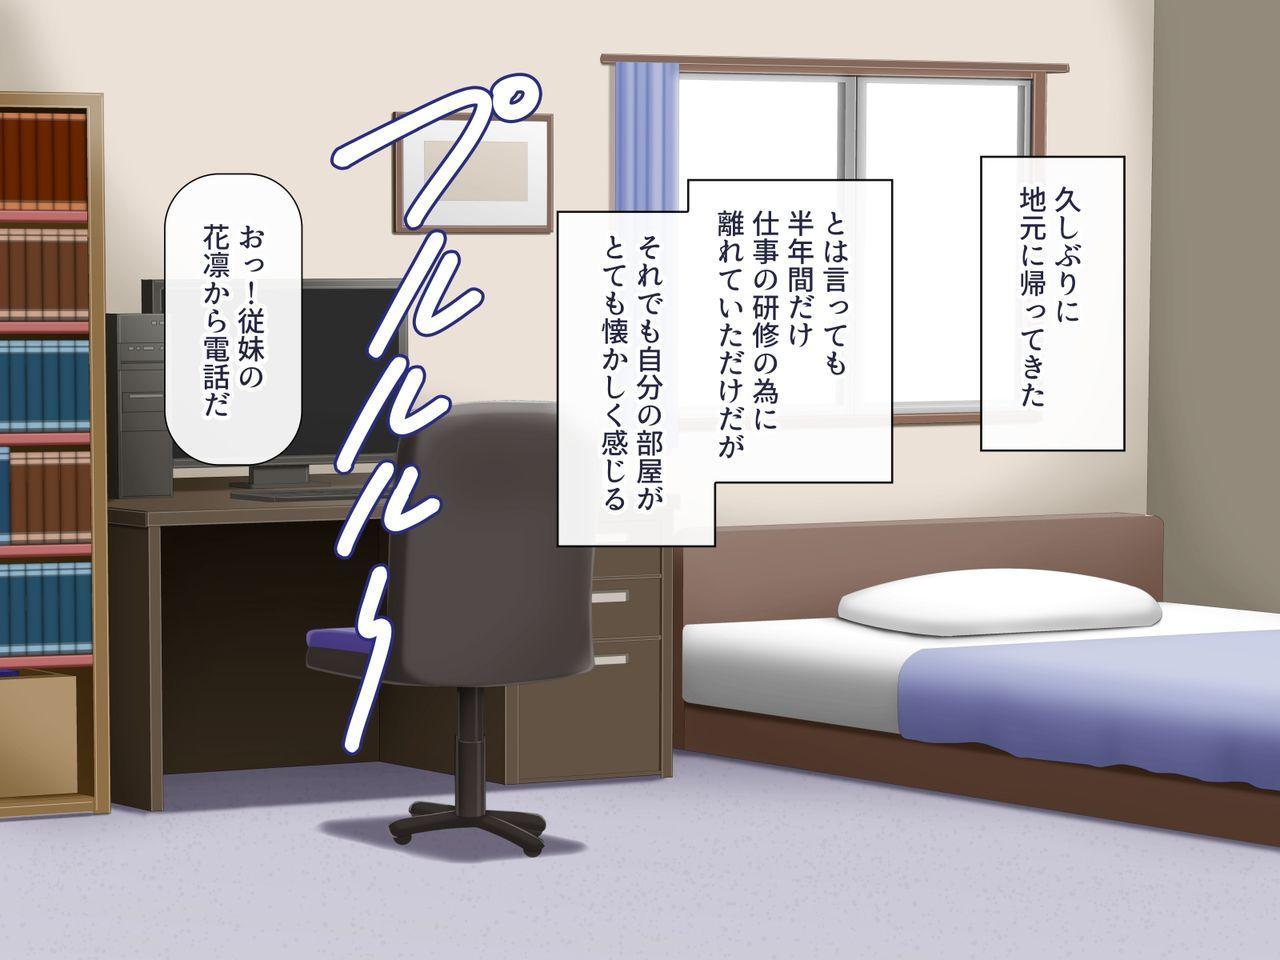 Uchiki na Jyumai ga Ore no Tame ni Karada o Kitaeta Kekka 2